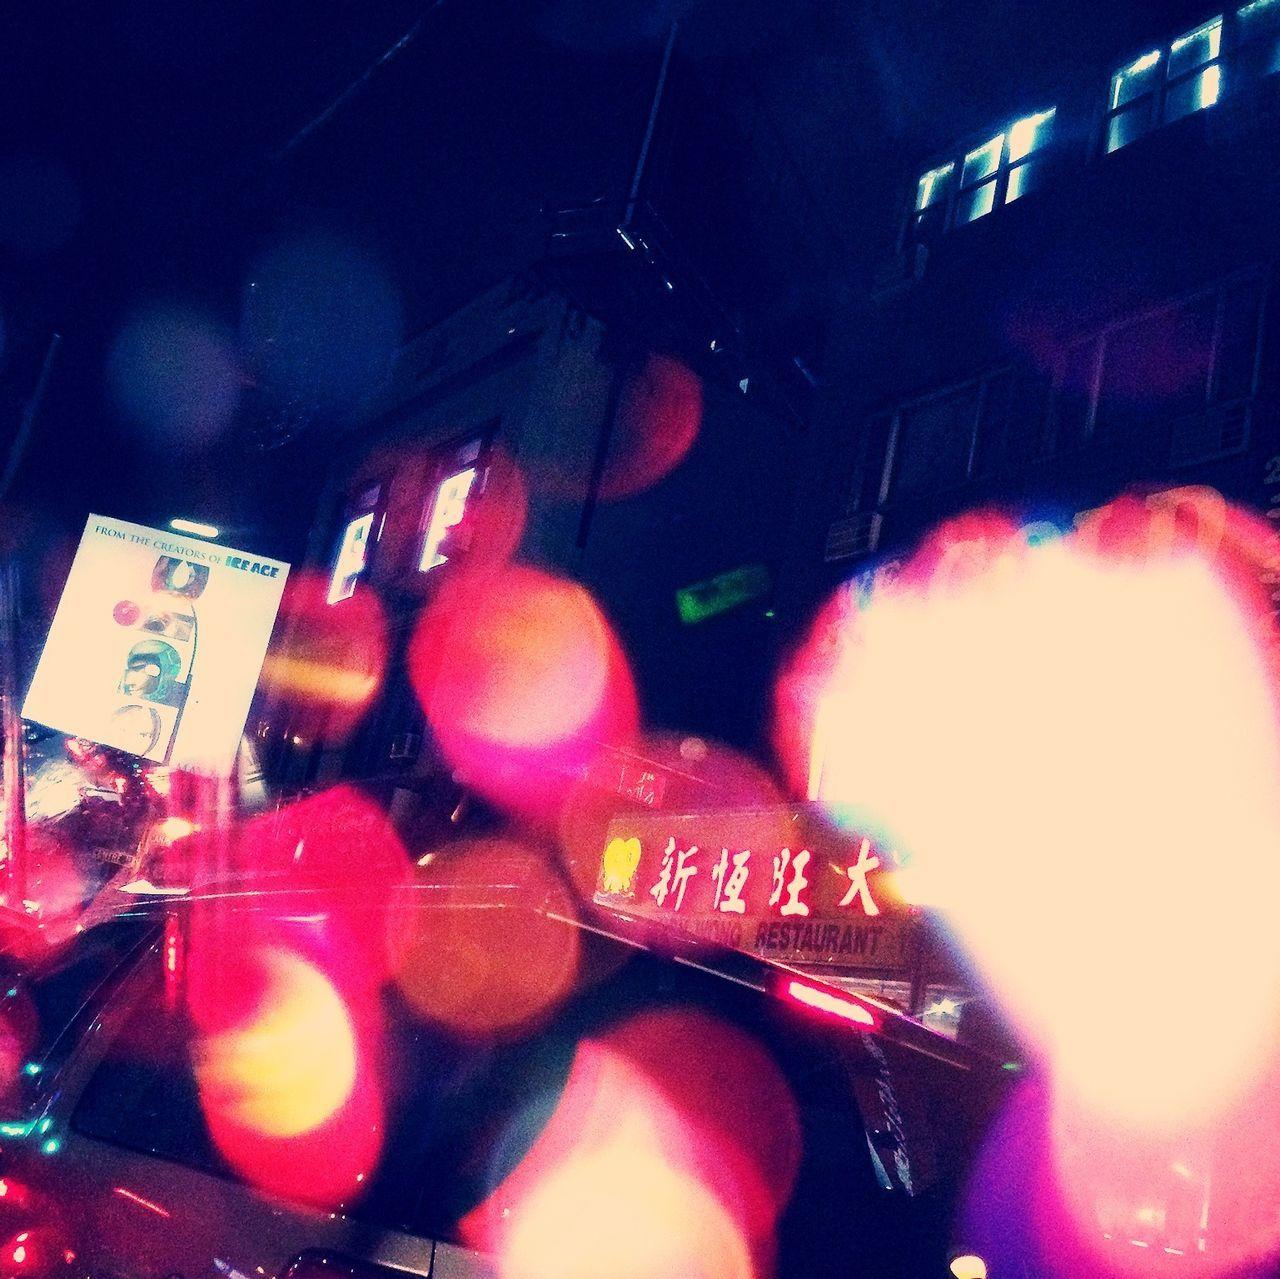 illuminated, night, nightlife, no people, indoors, close-up, neon, city